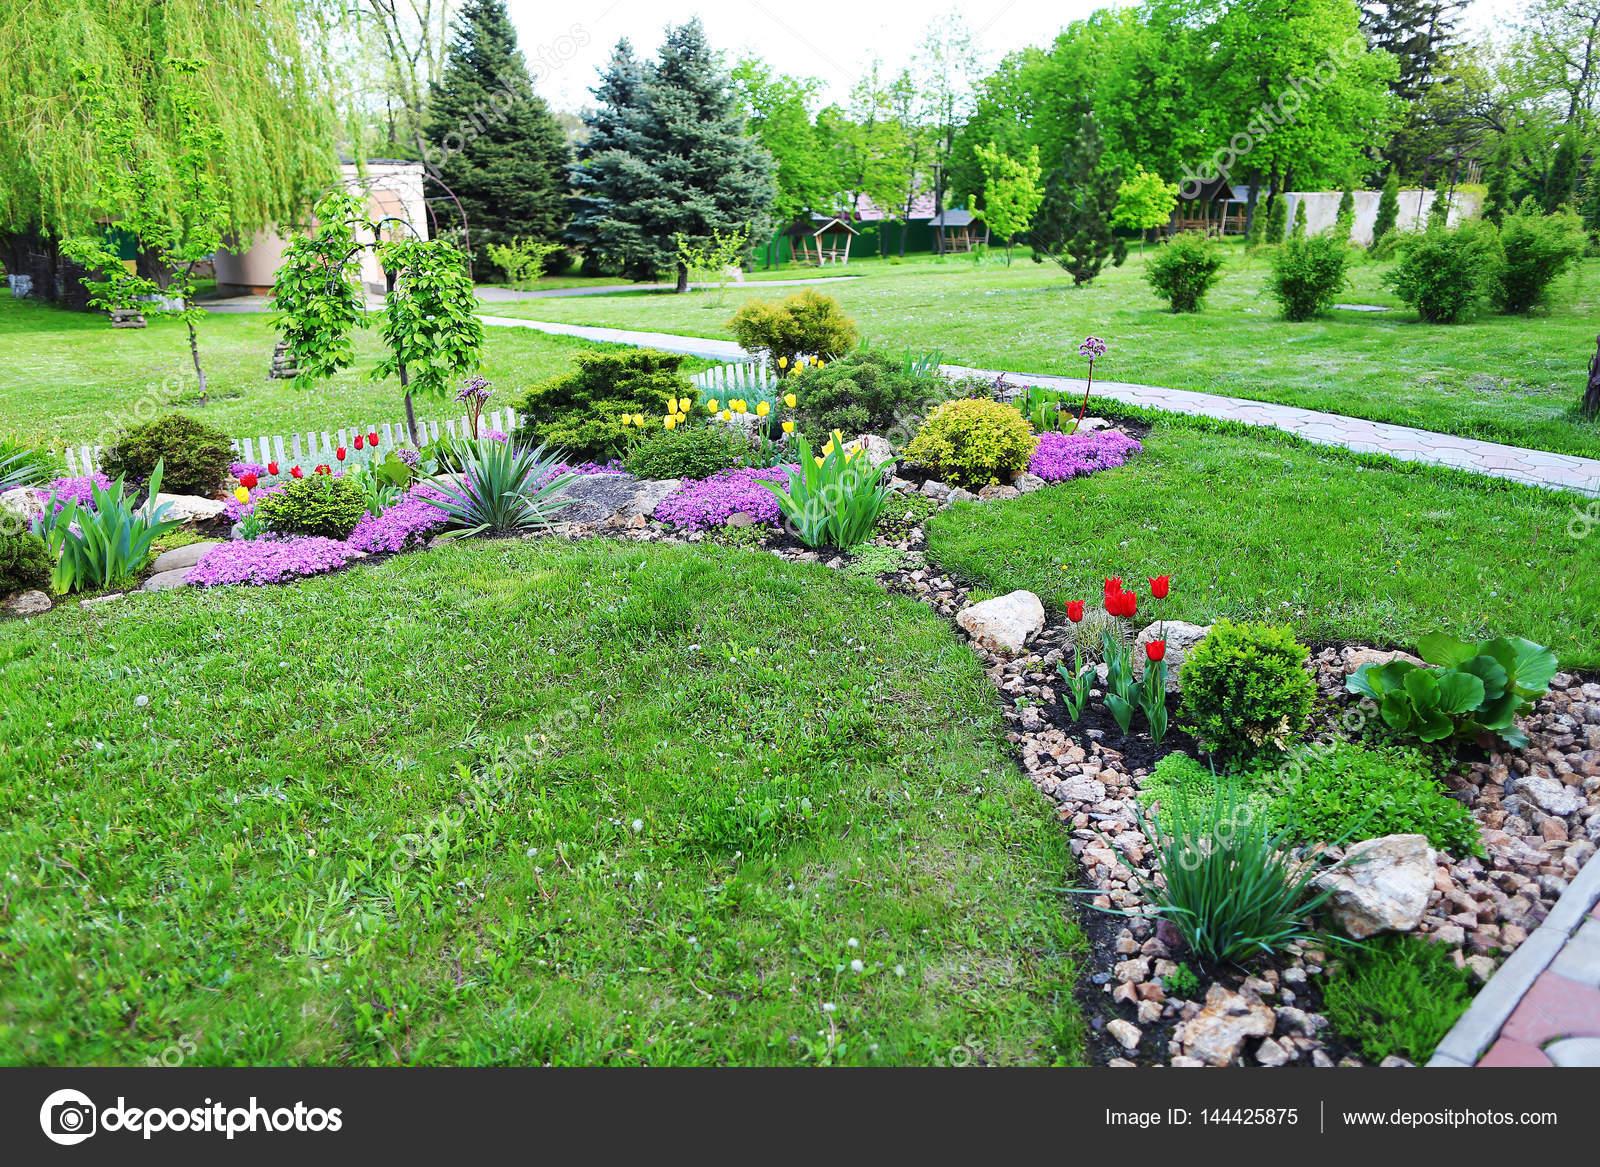 Zona giardino con spazi verdi piante fiori e alberi in for Giardino con fiori